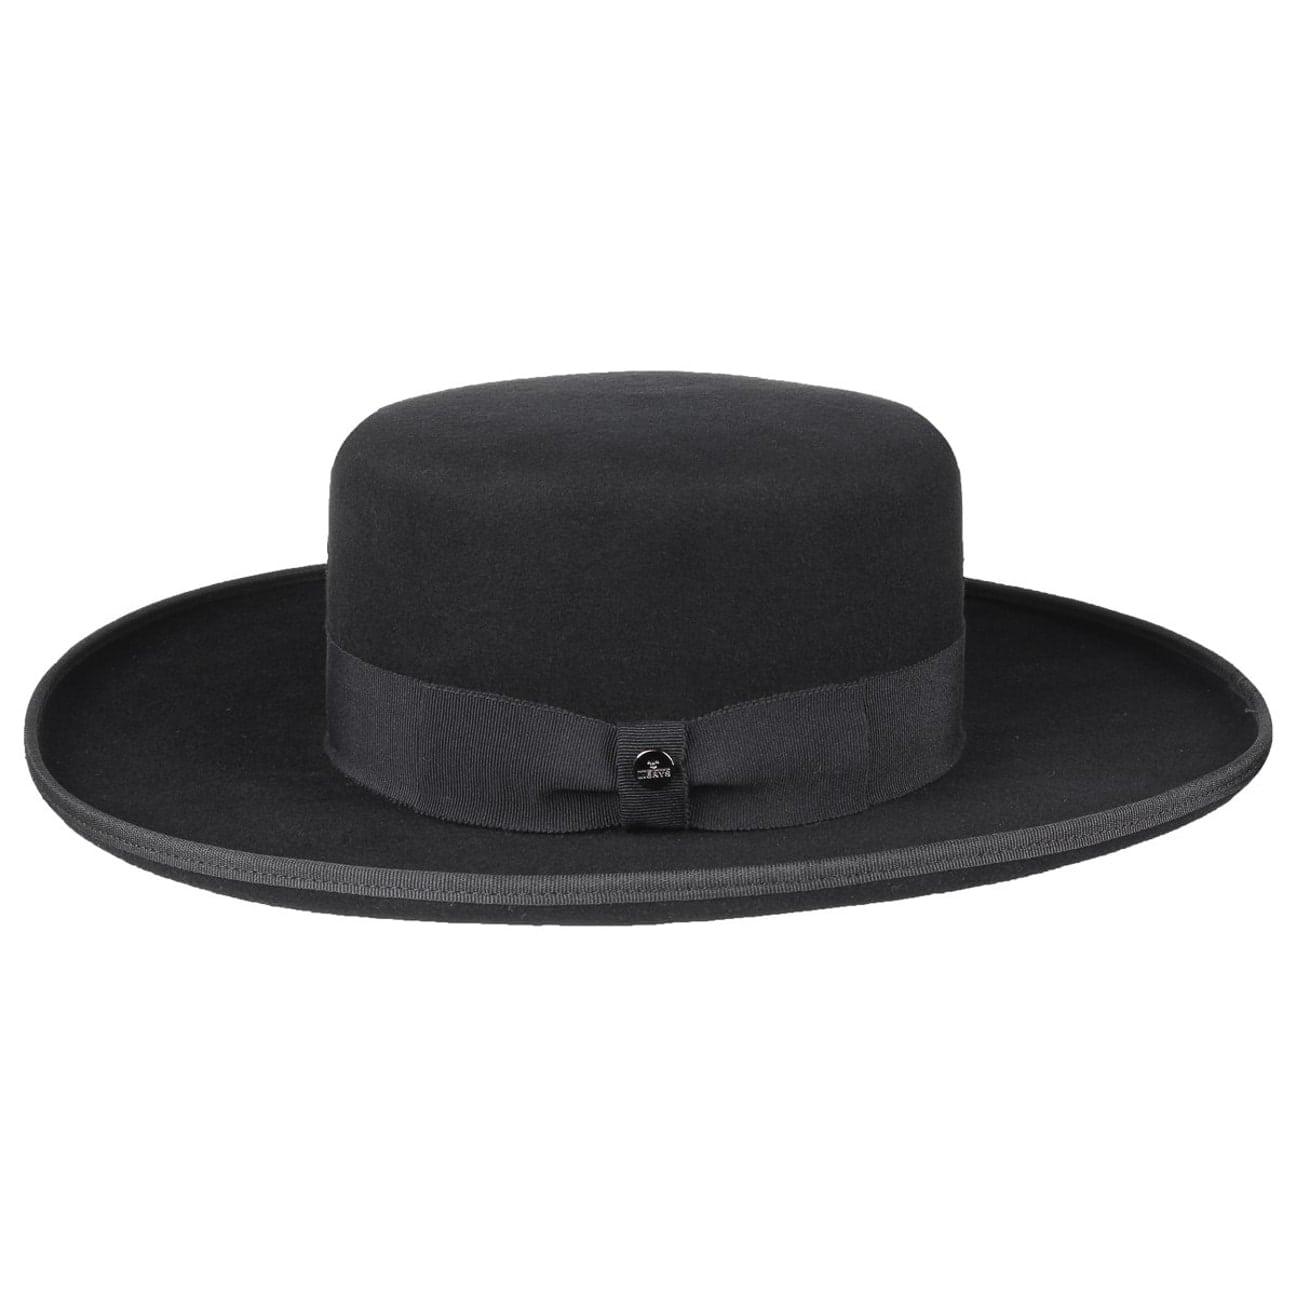 Sombrero Espa?ol Cl?sico by Lierys  sombrero de mujer